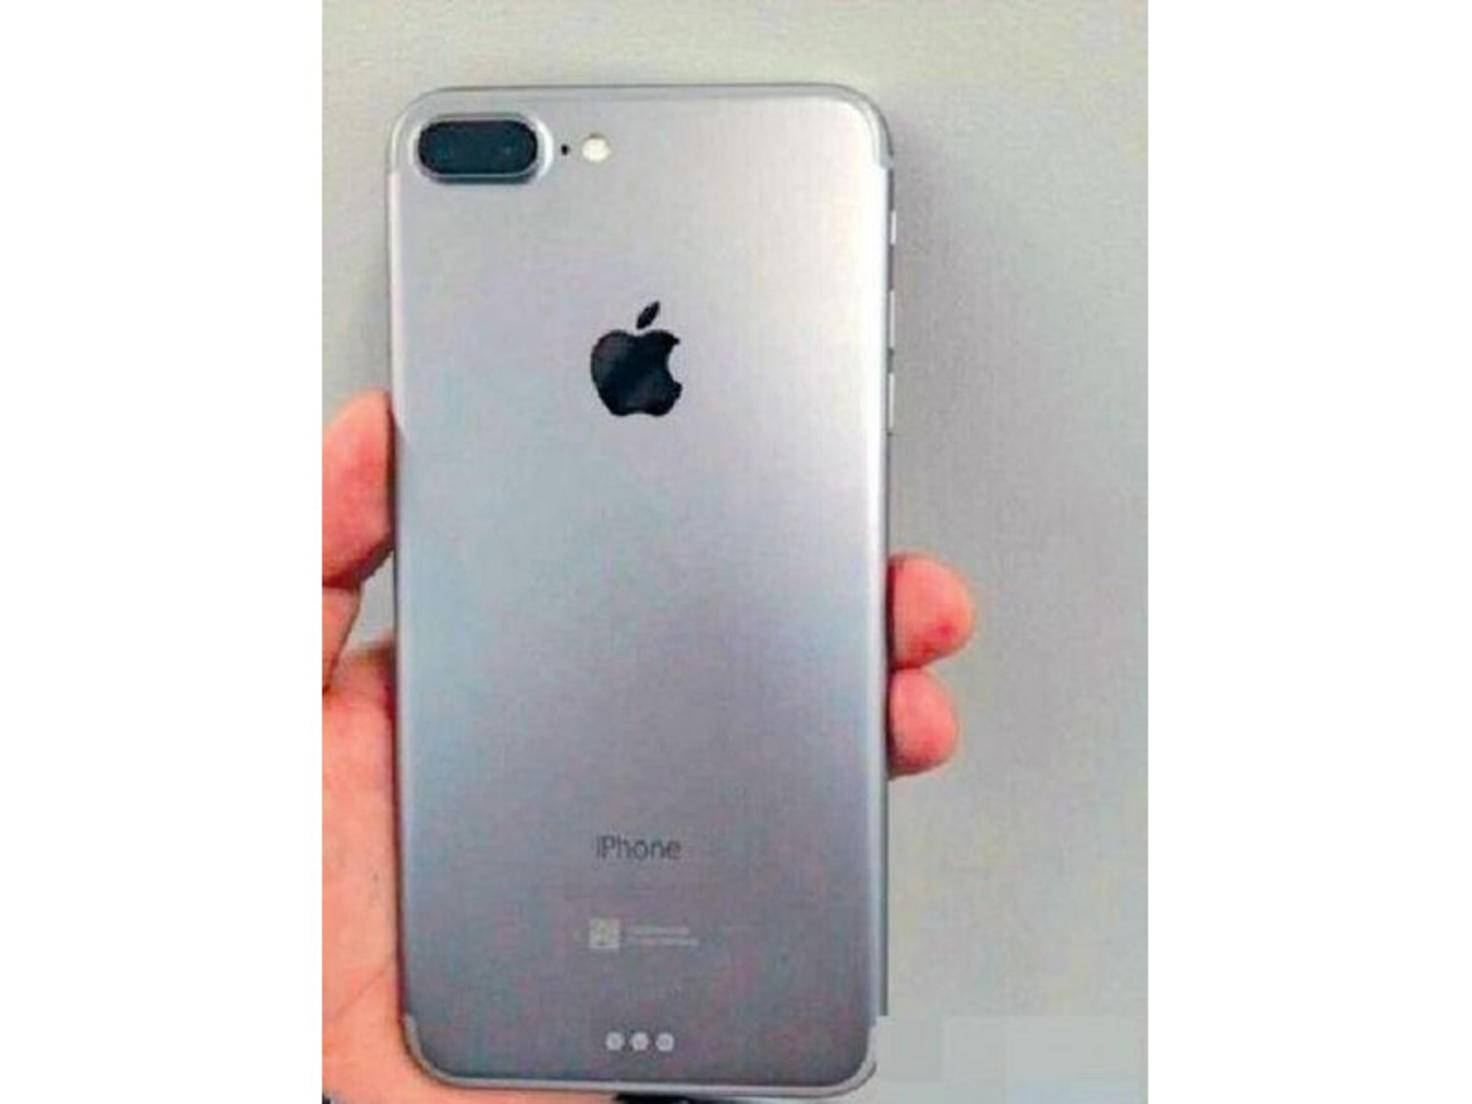 iPhone-7-Plus-Leak